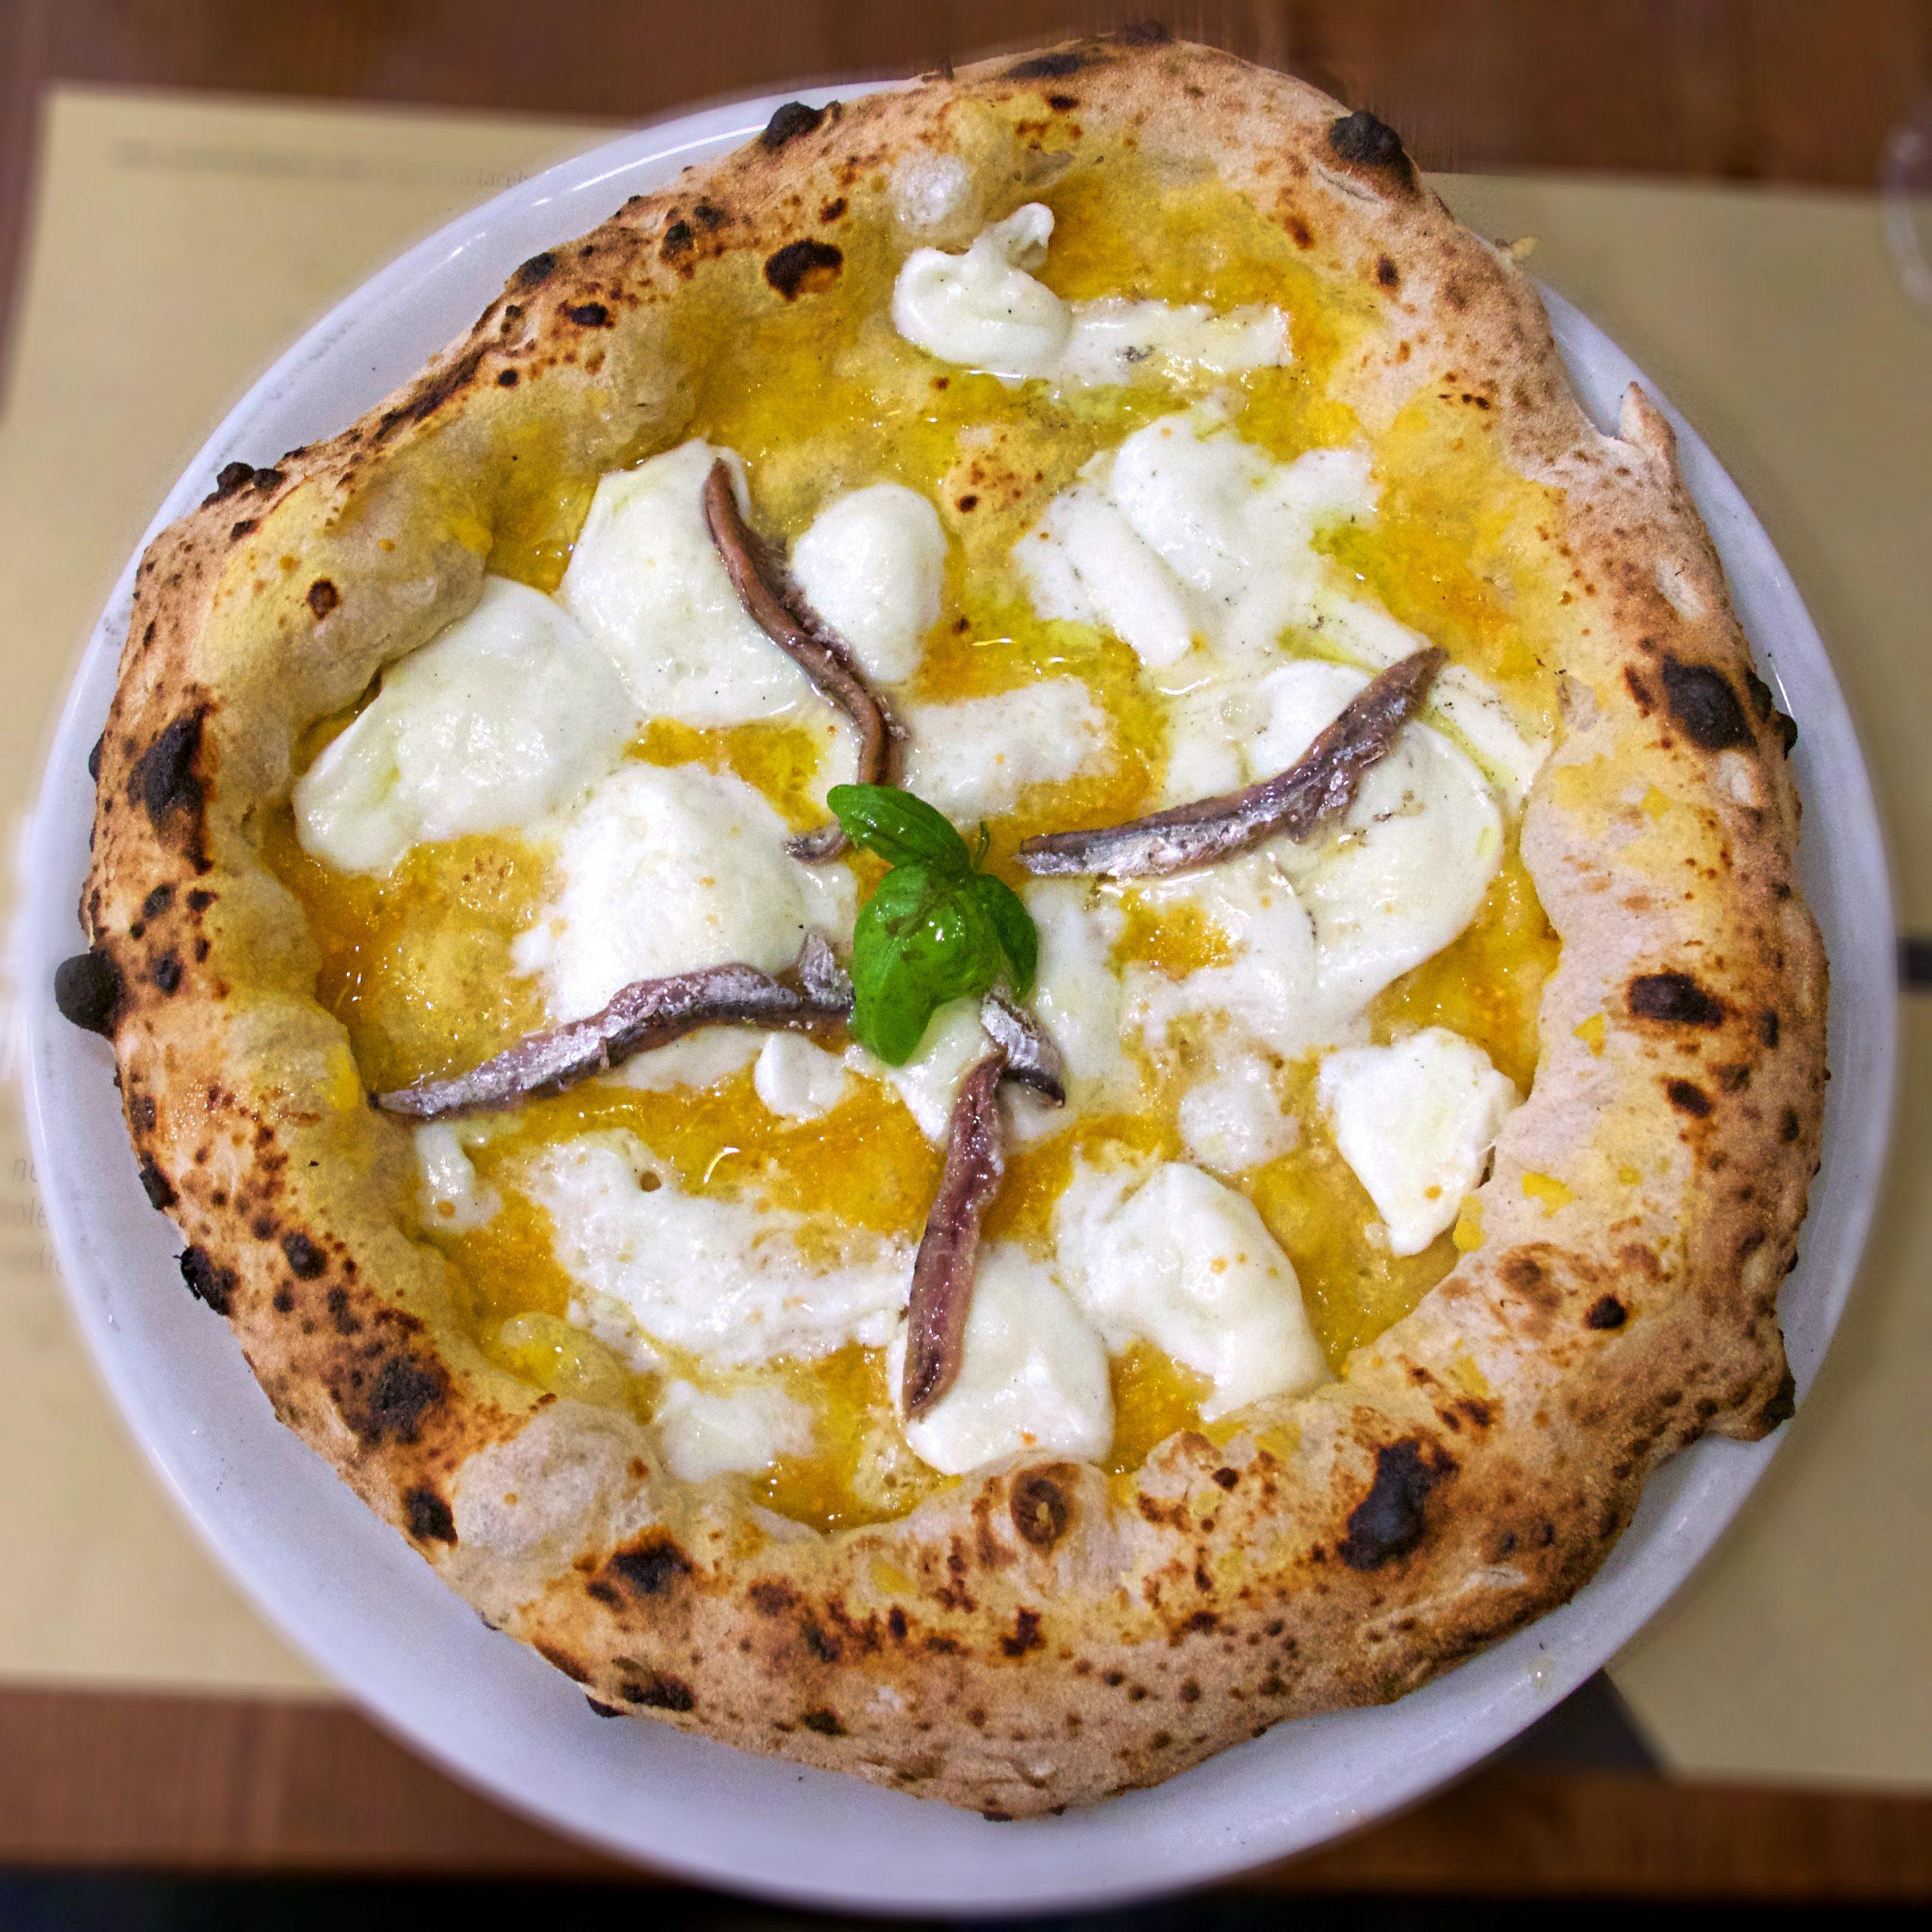 Menaica (Pizzeria Da Zero, Cordusio M1, S. Ambrogio M2, Milano)